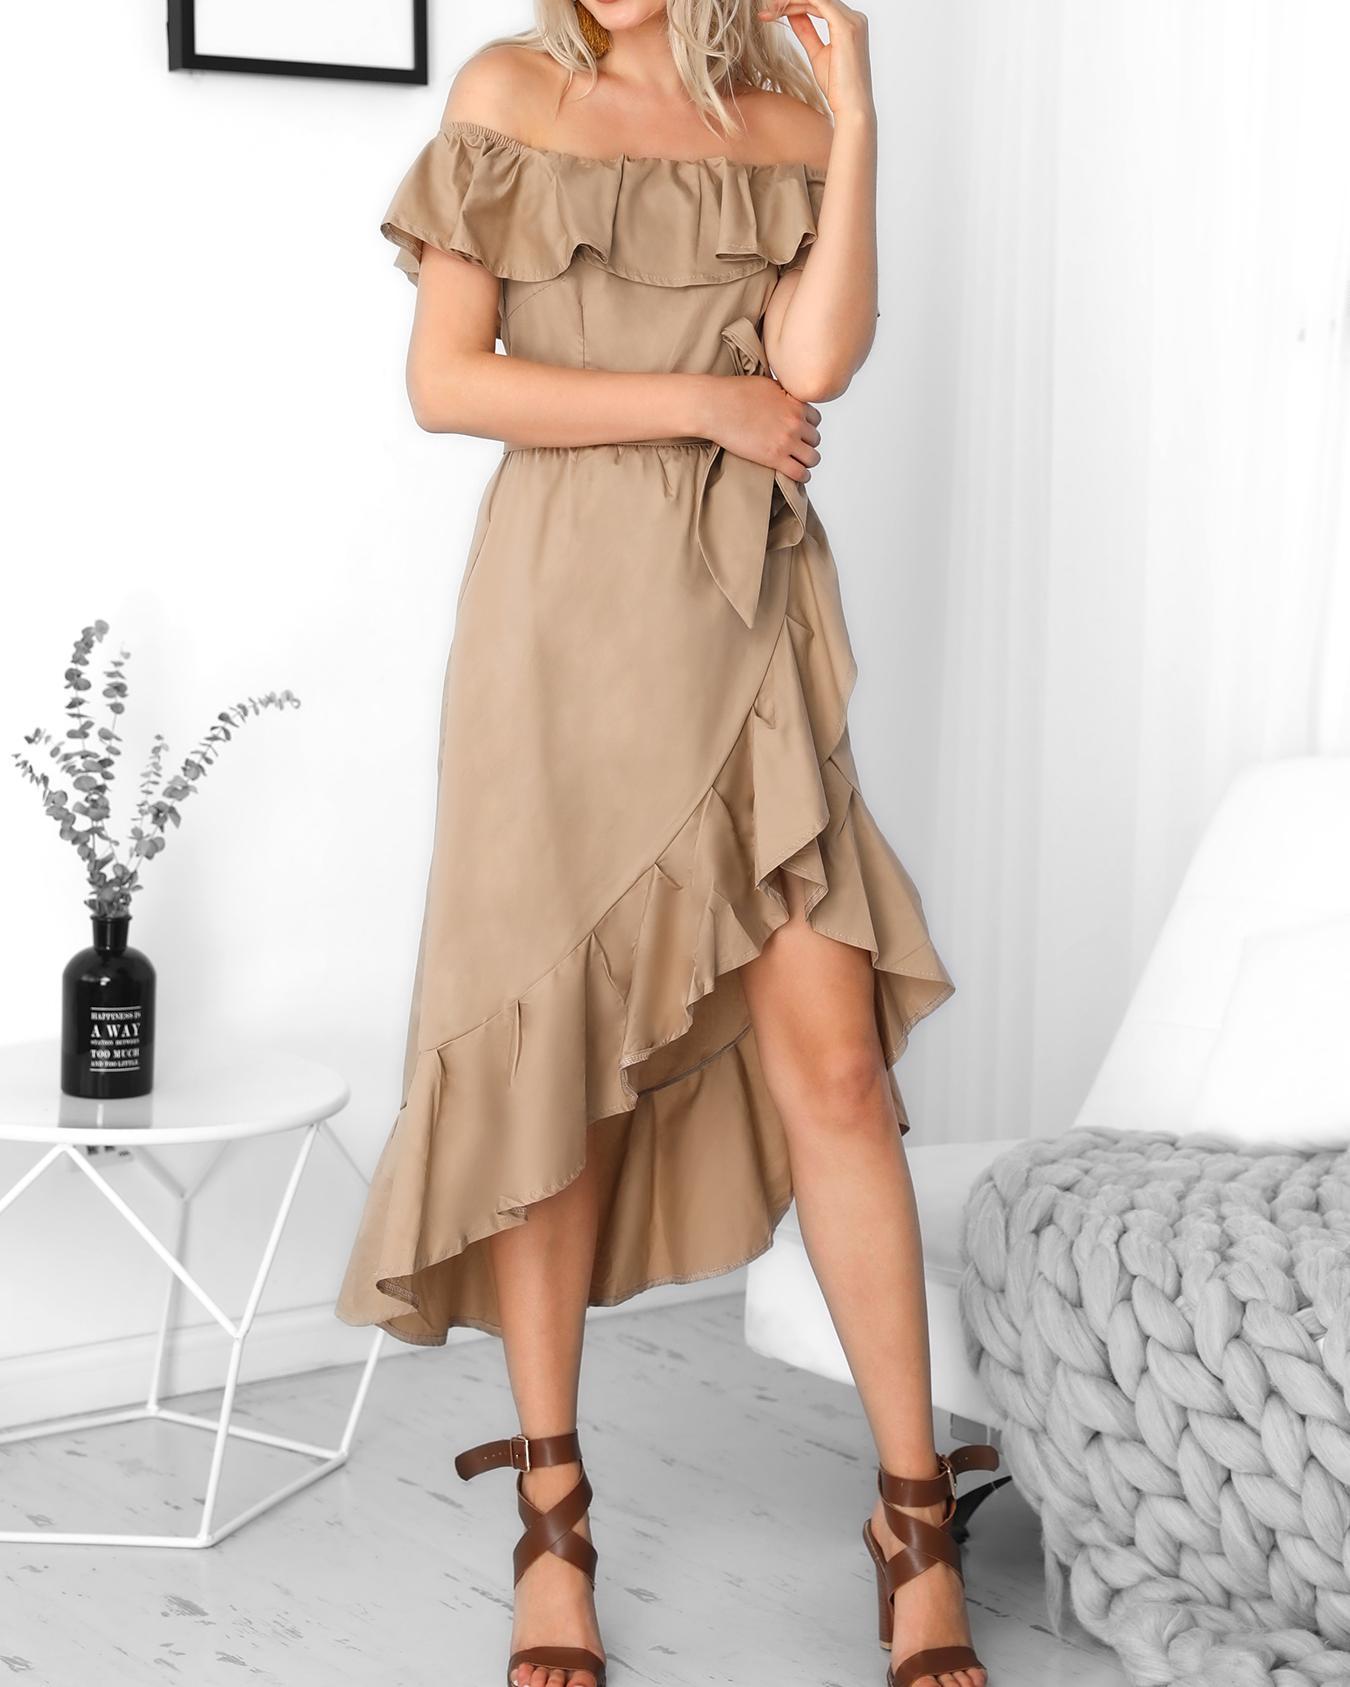 boutiquefeel / Vestido con volantes de Hi-Lo Hem Casaul con hombros descubiertos